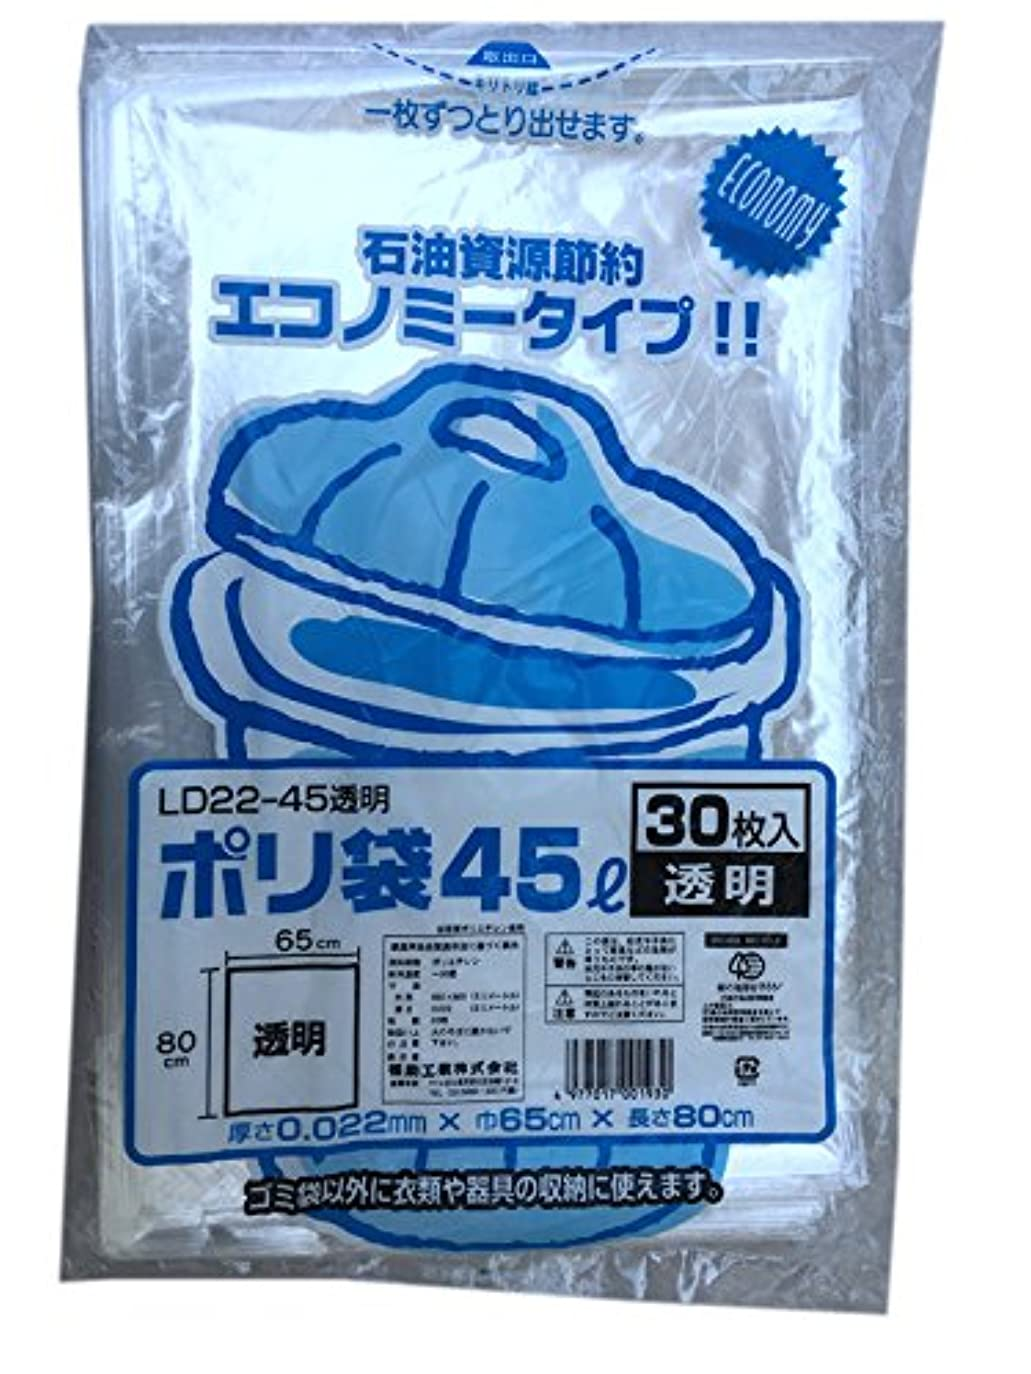 今日起きろ迷路業務用 ゴミ袋 45L(30枚入り)1ケース(600枚) LD22-45 透明 0.022×巾650×長さ800mm